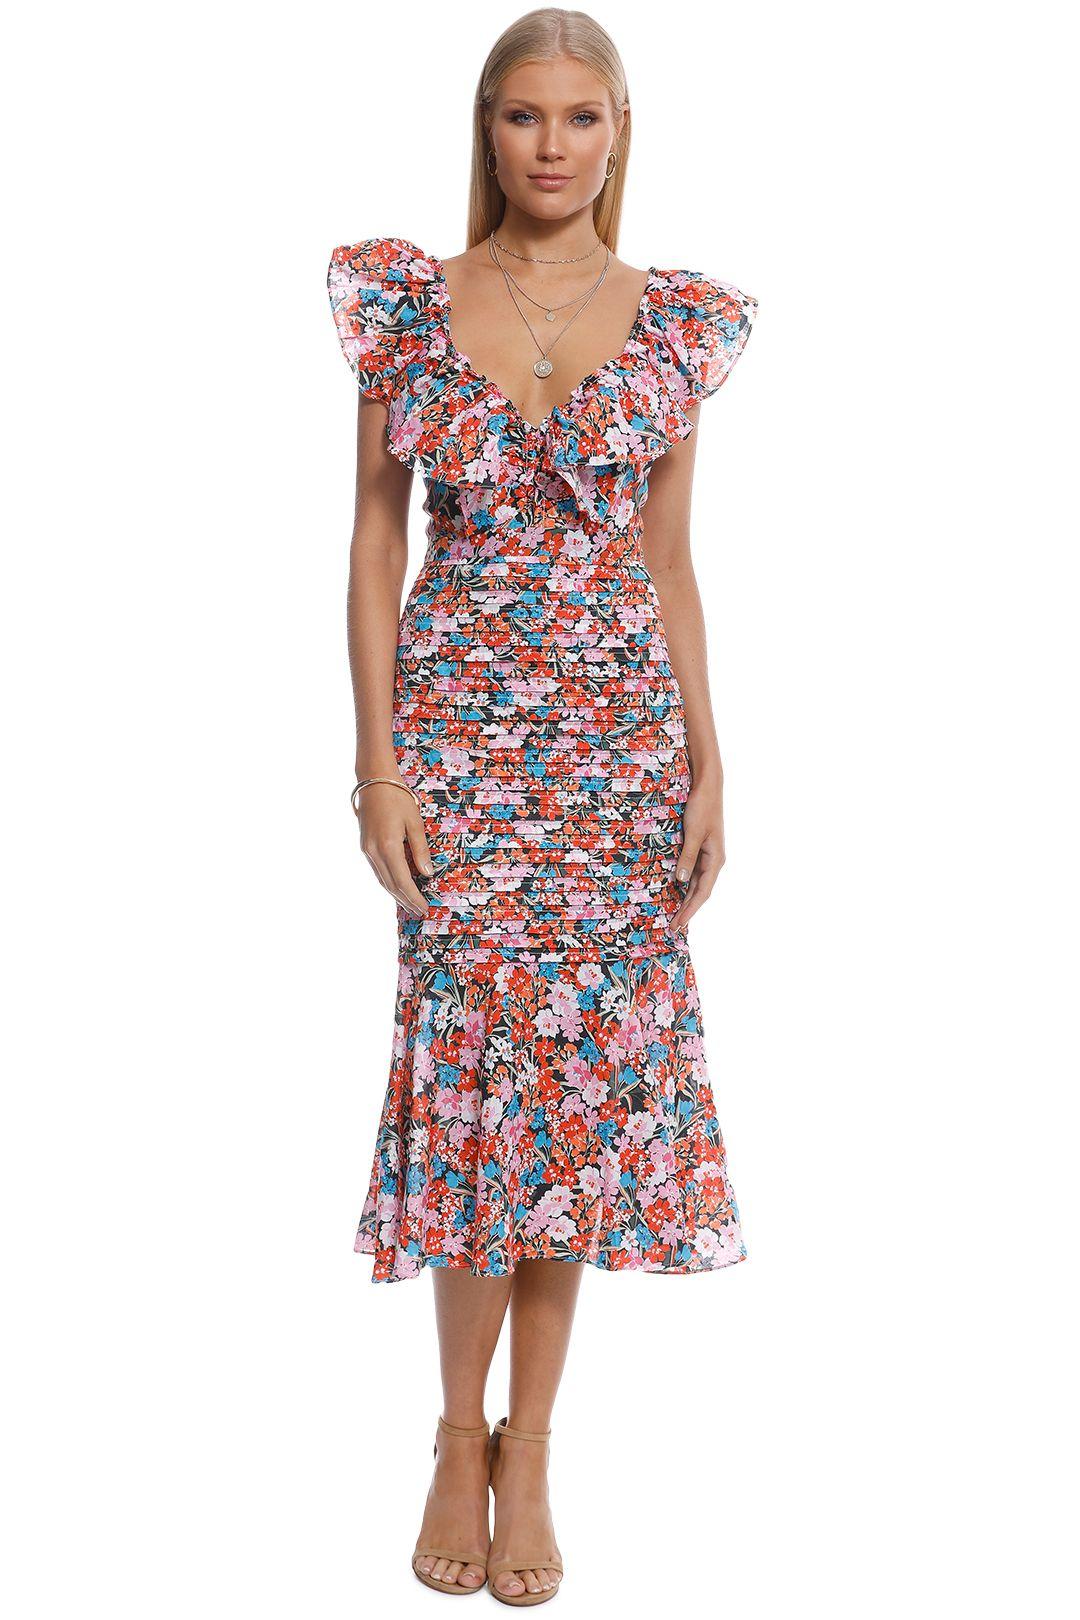 Talulah-Cloud-Nine-Midi-Dress-Multi-Front